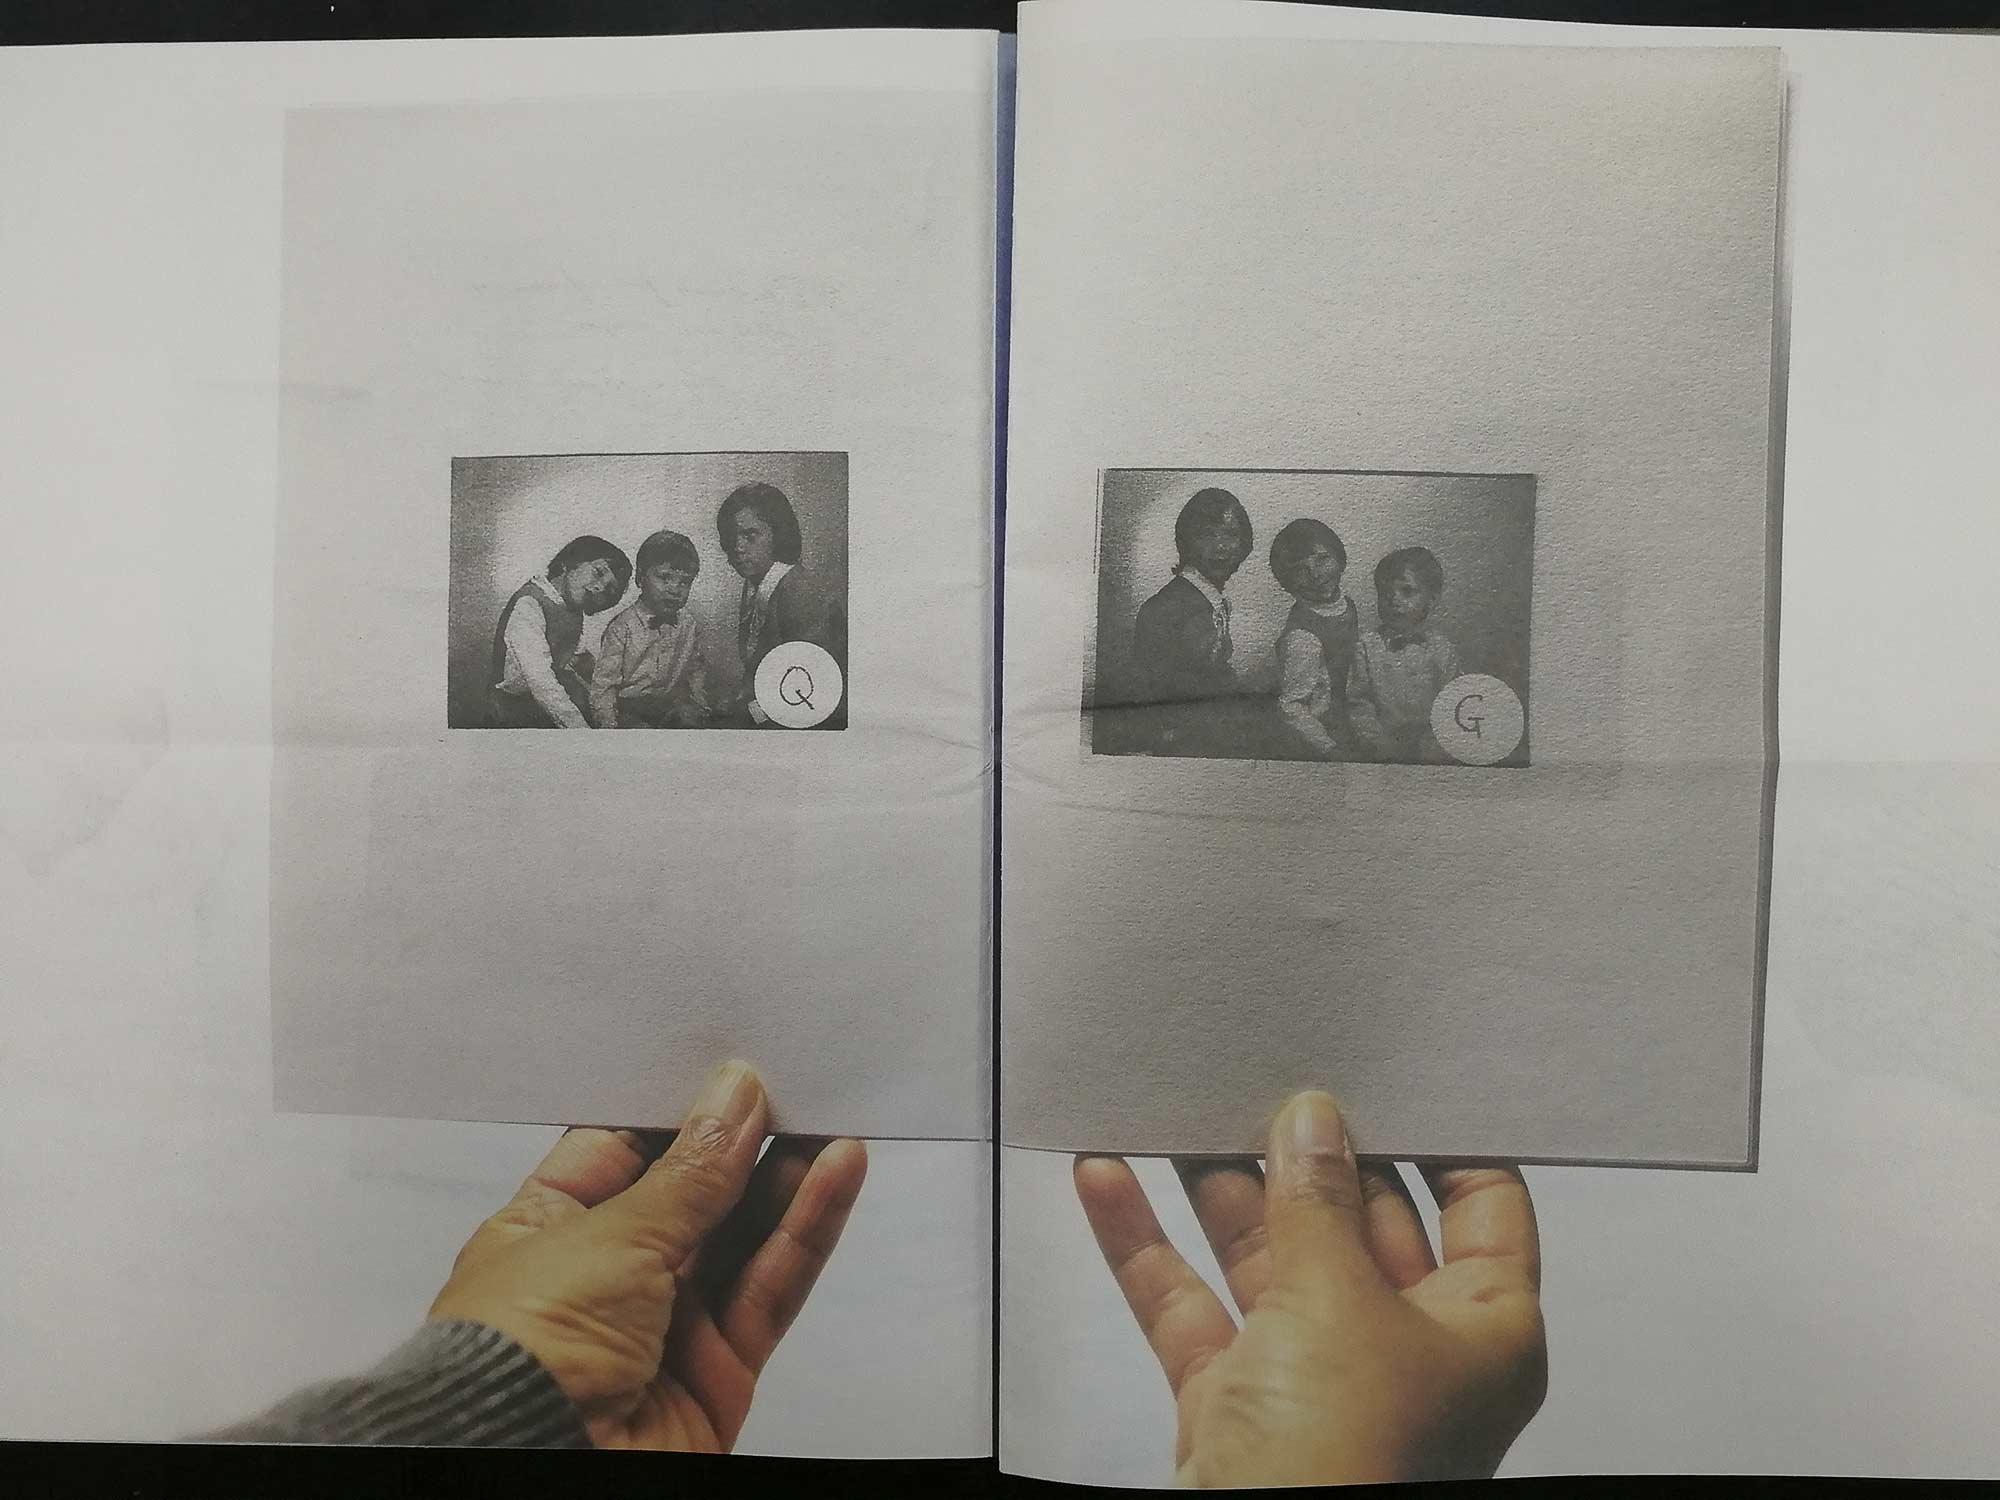 found-photo-foundation-newspaperwork-07